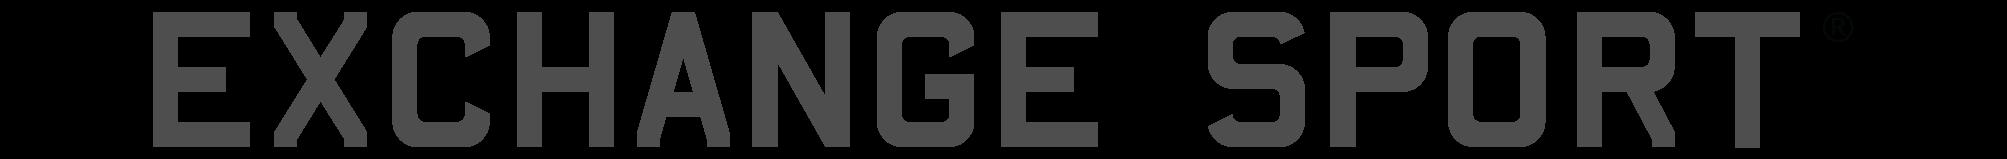 exchange_sport2